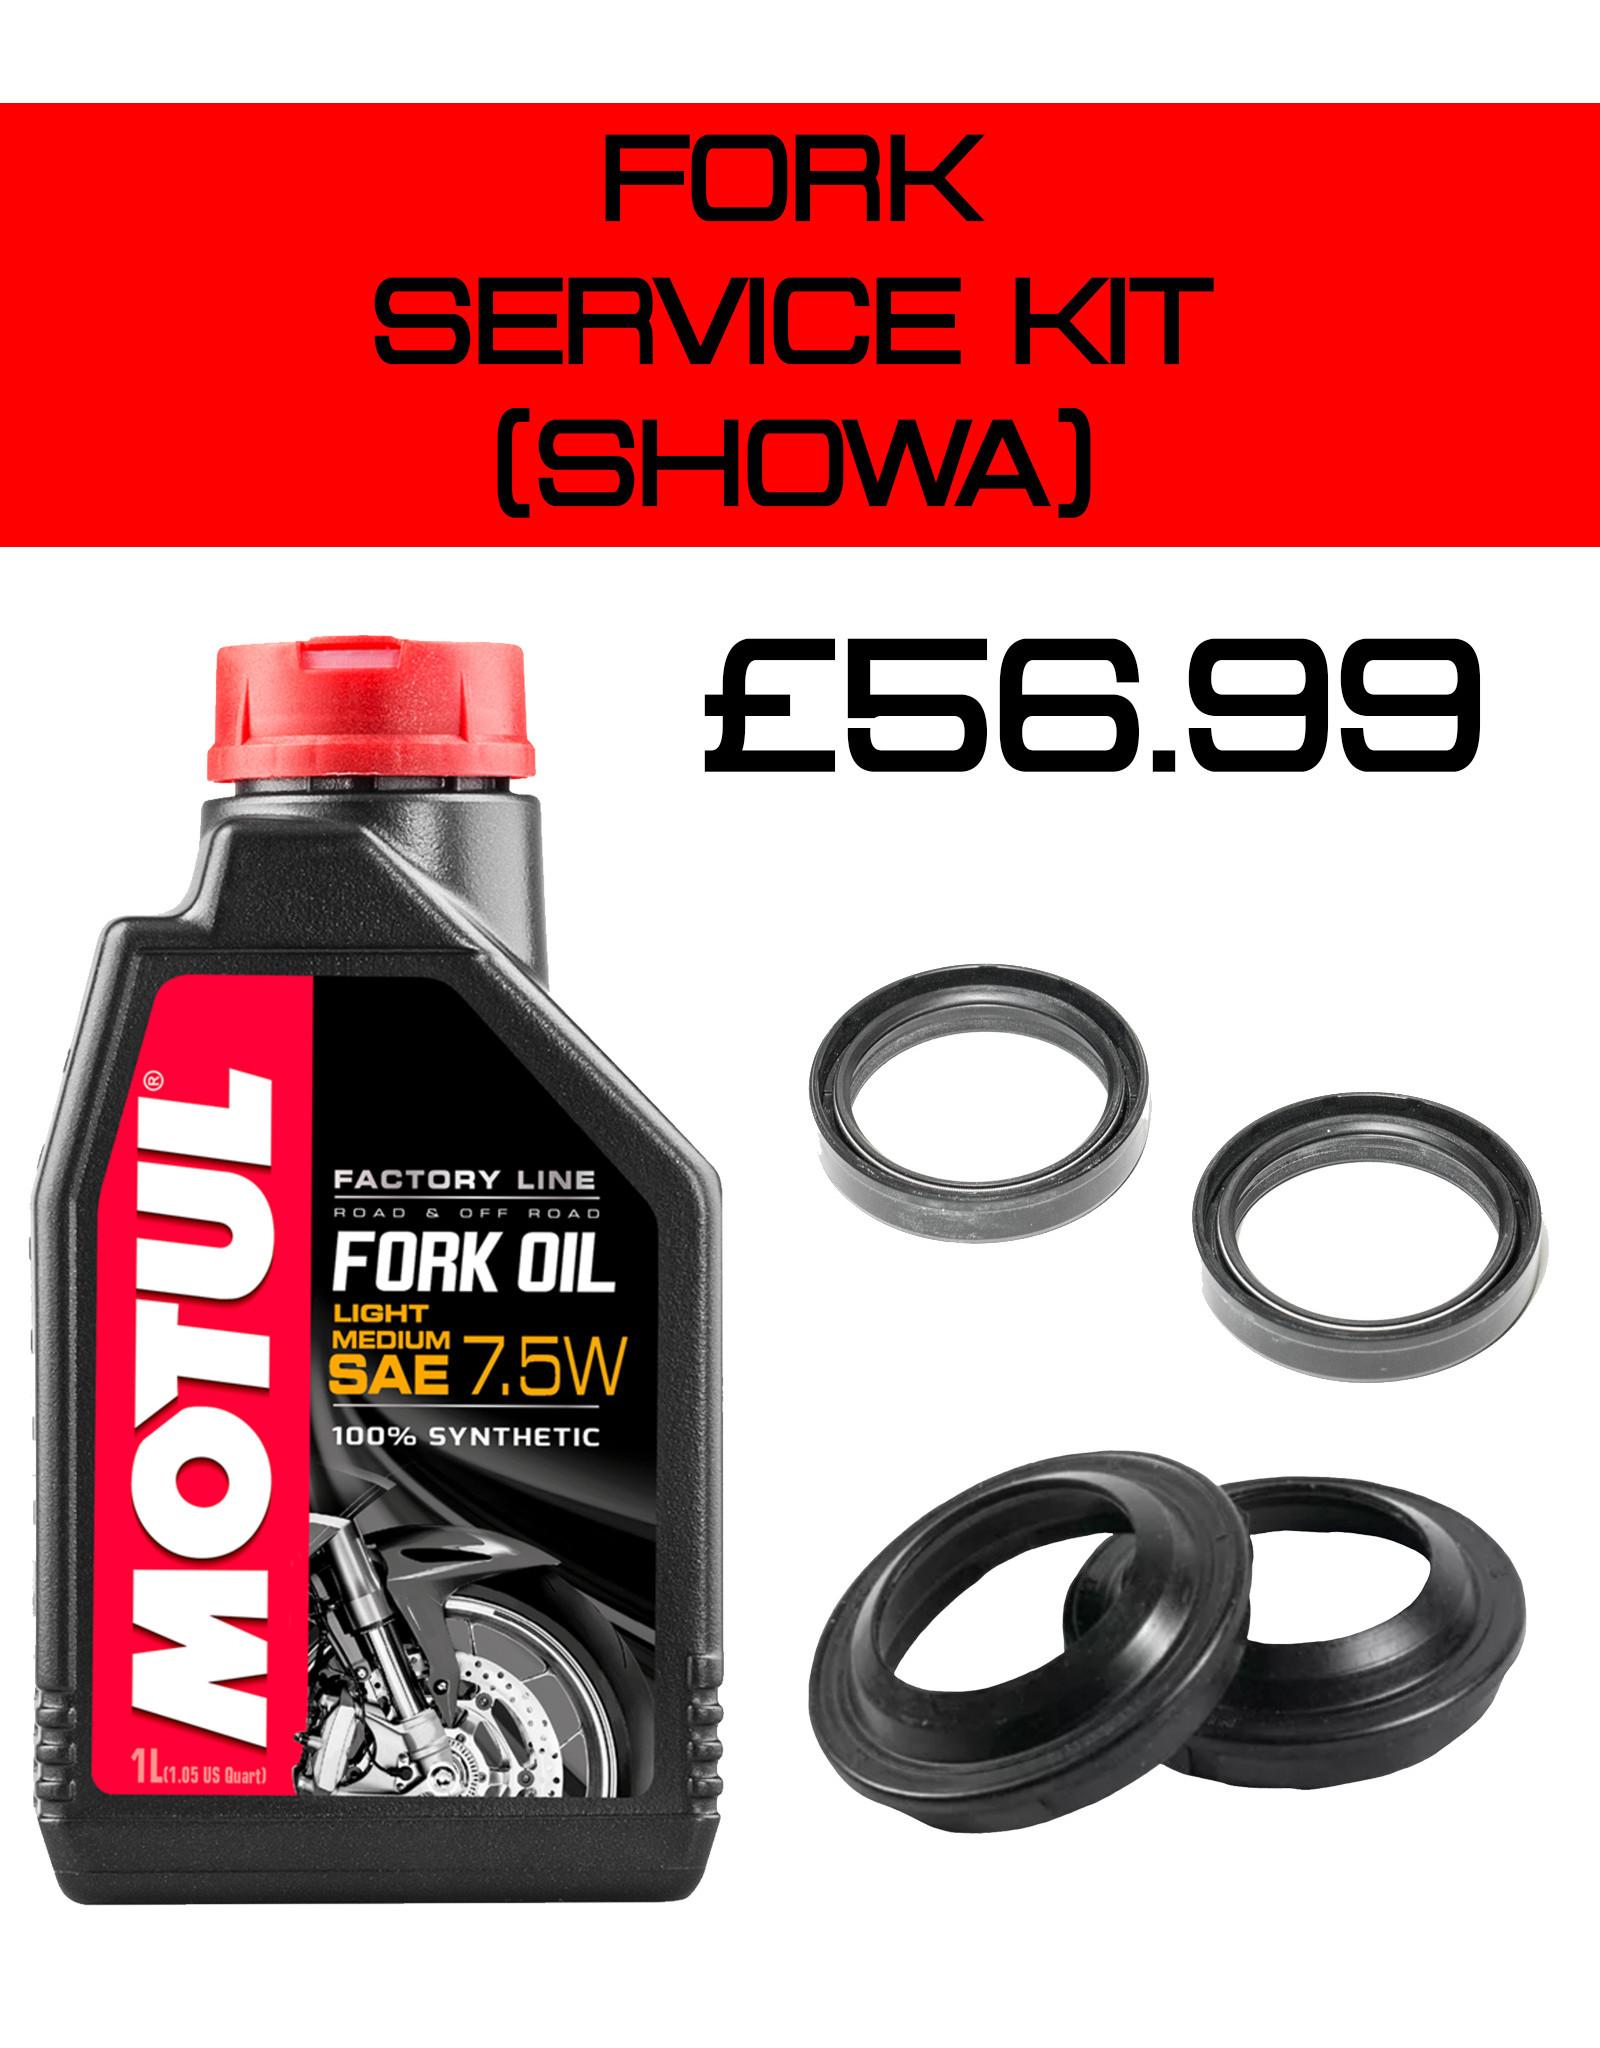 showa fork service kit